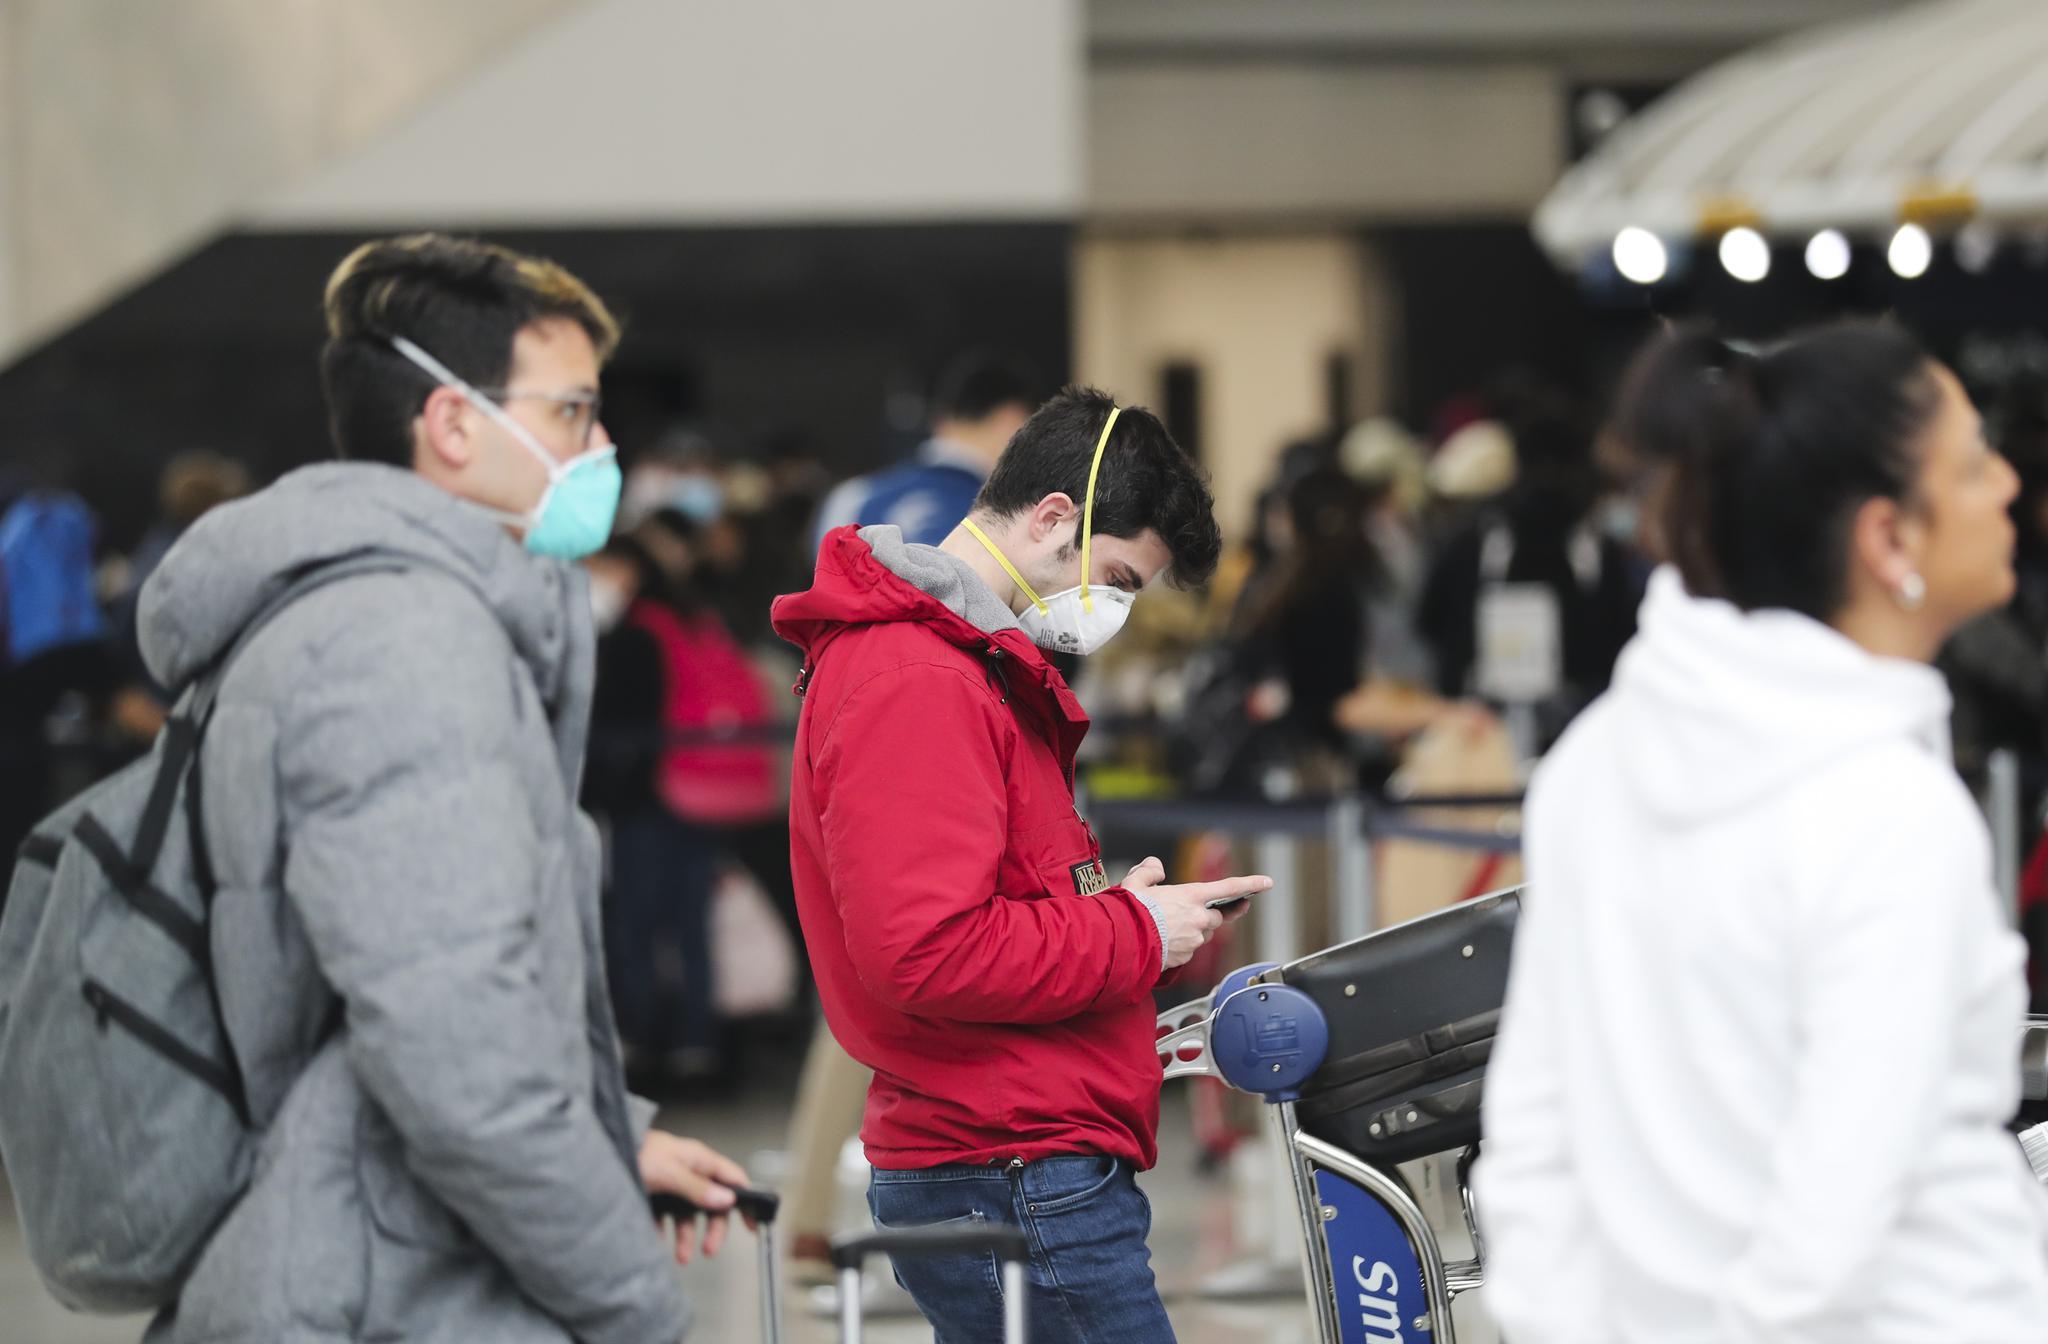 3月13日,在美国纽约肯尼迪国际机场,旅客在出发区等候。新华社 图